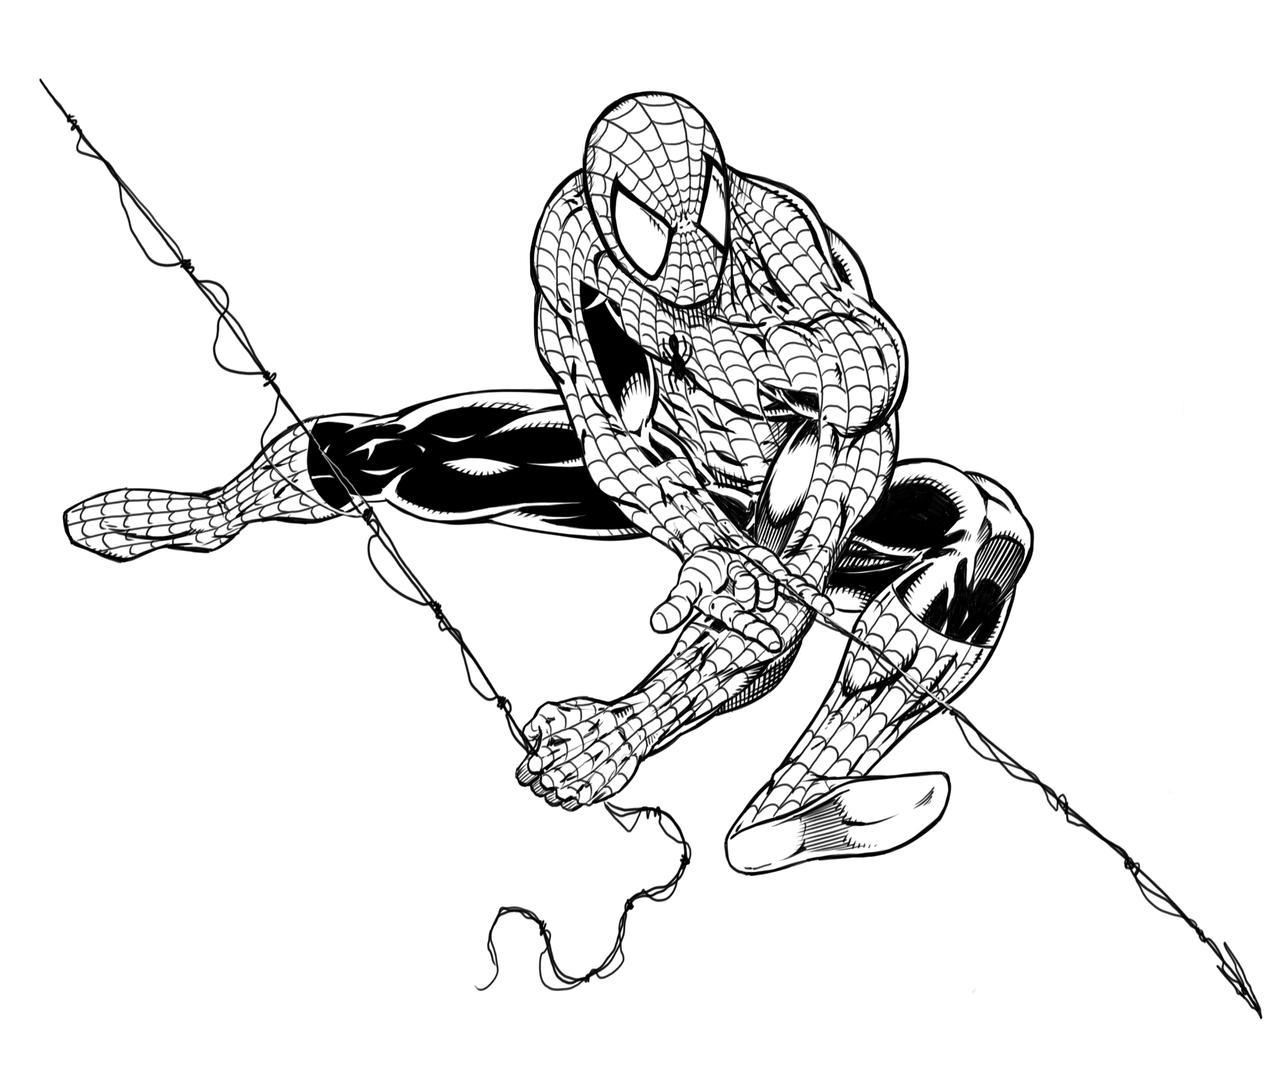 Spiderman by ramstudios1